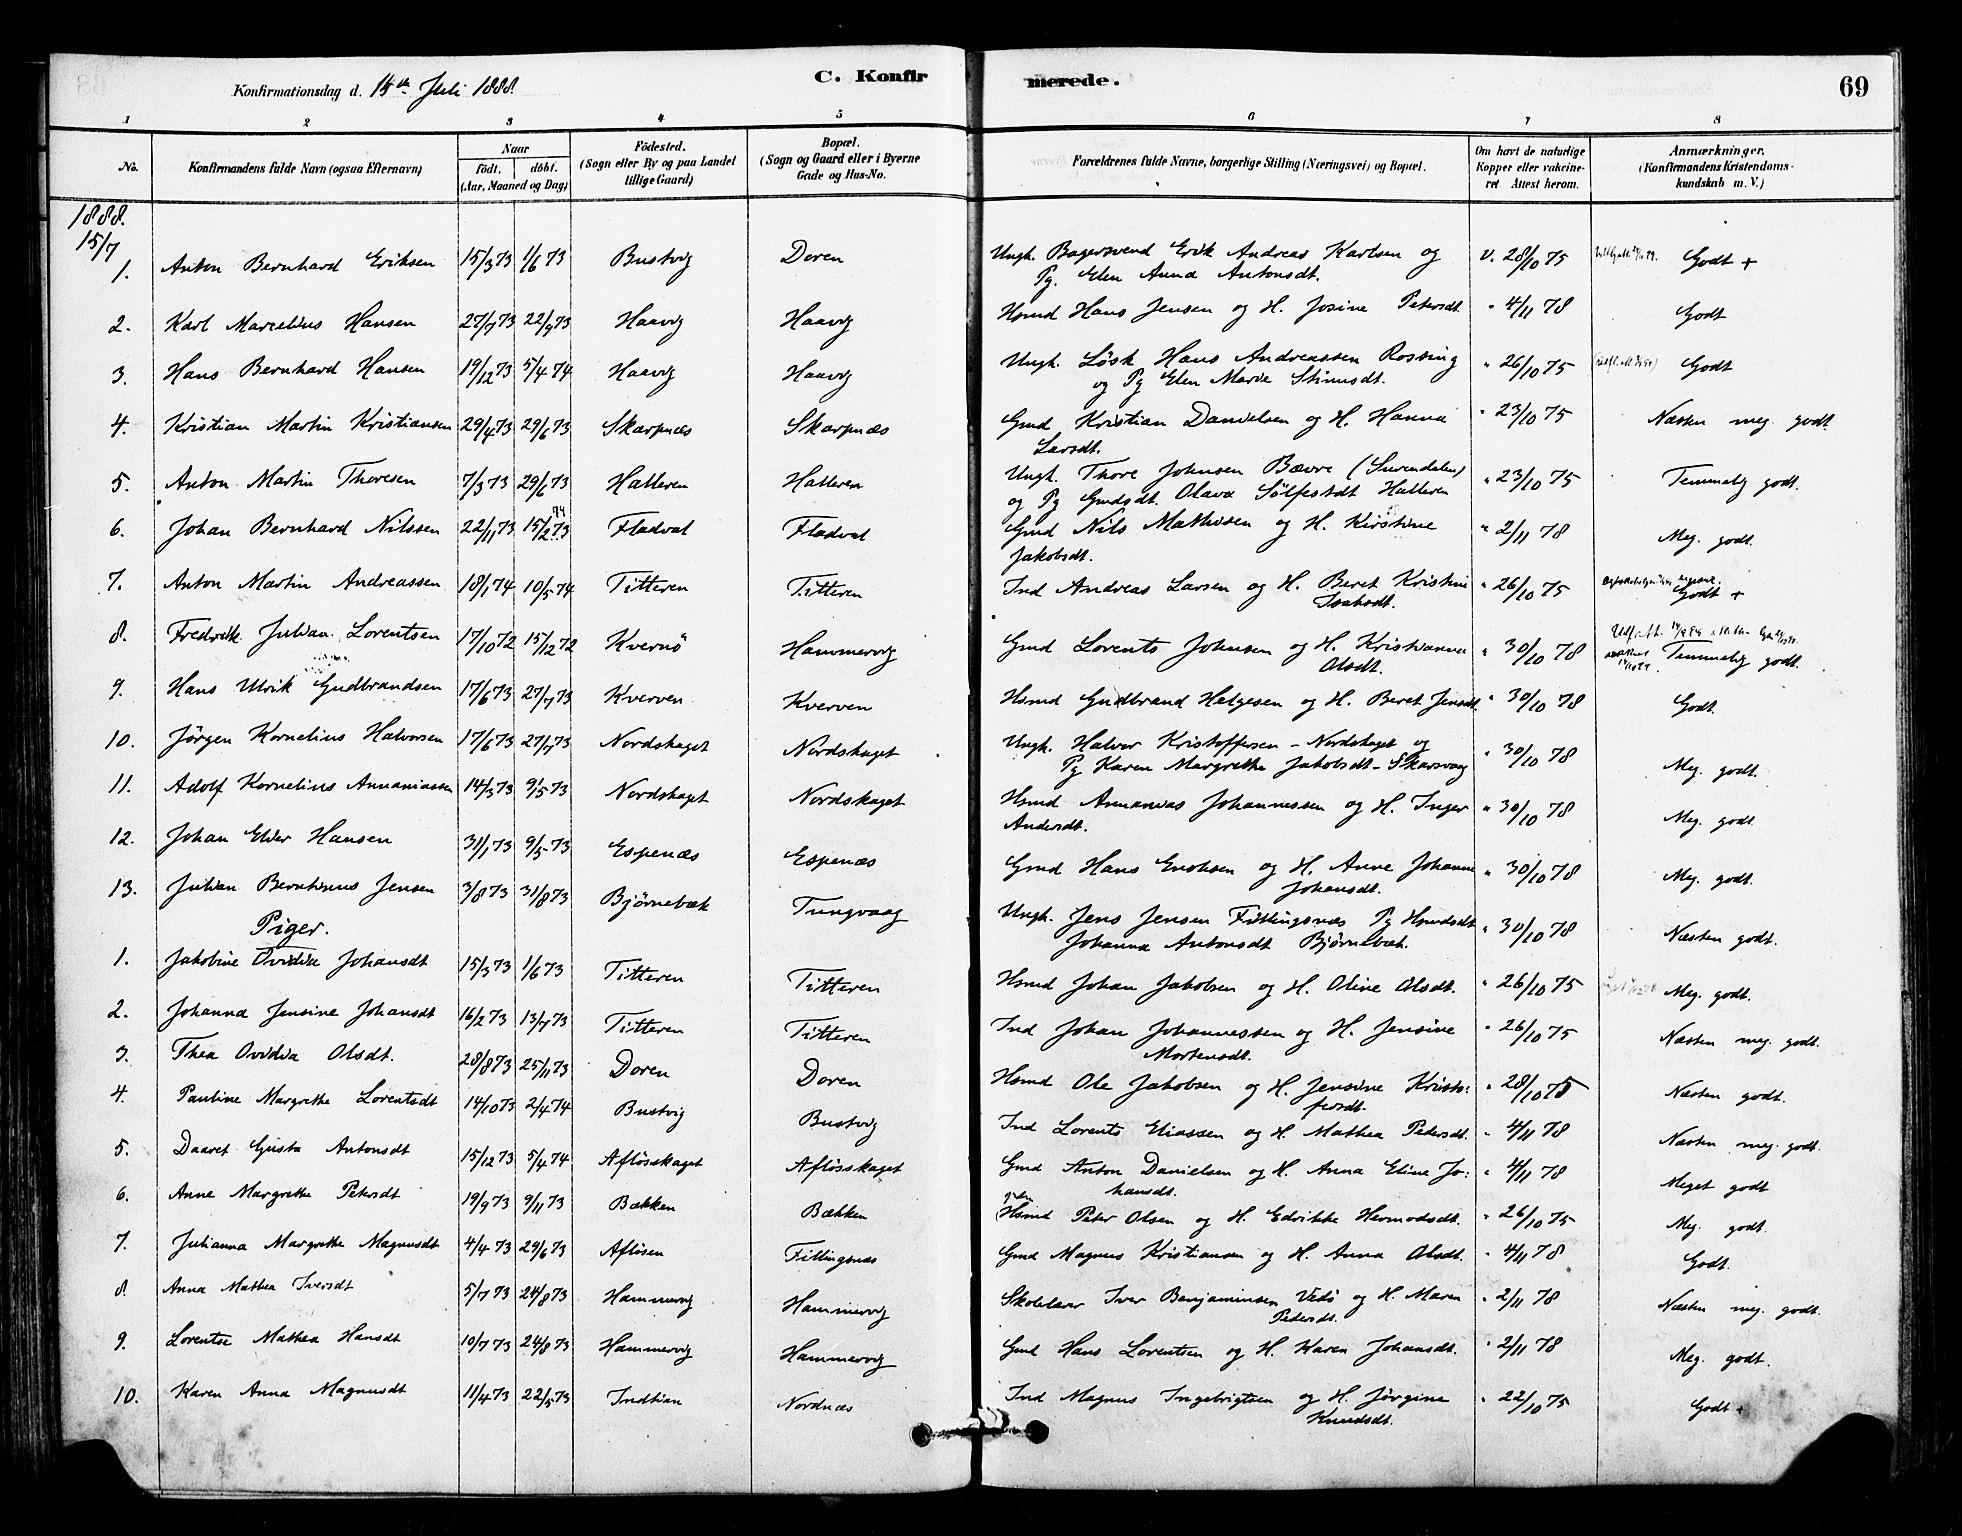 SAT, Ministerialprotokoller, klokkerbøker og fødselsregistre - Sør-Trøndelag, 641/L0595: Ministerialbok nr. 641A01, 1882-1897, s. 69